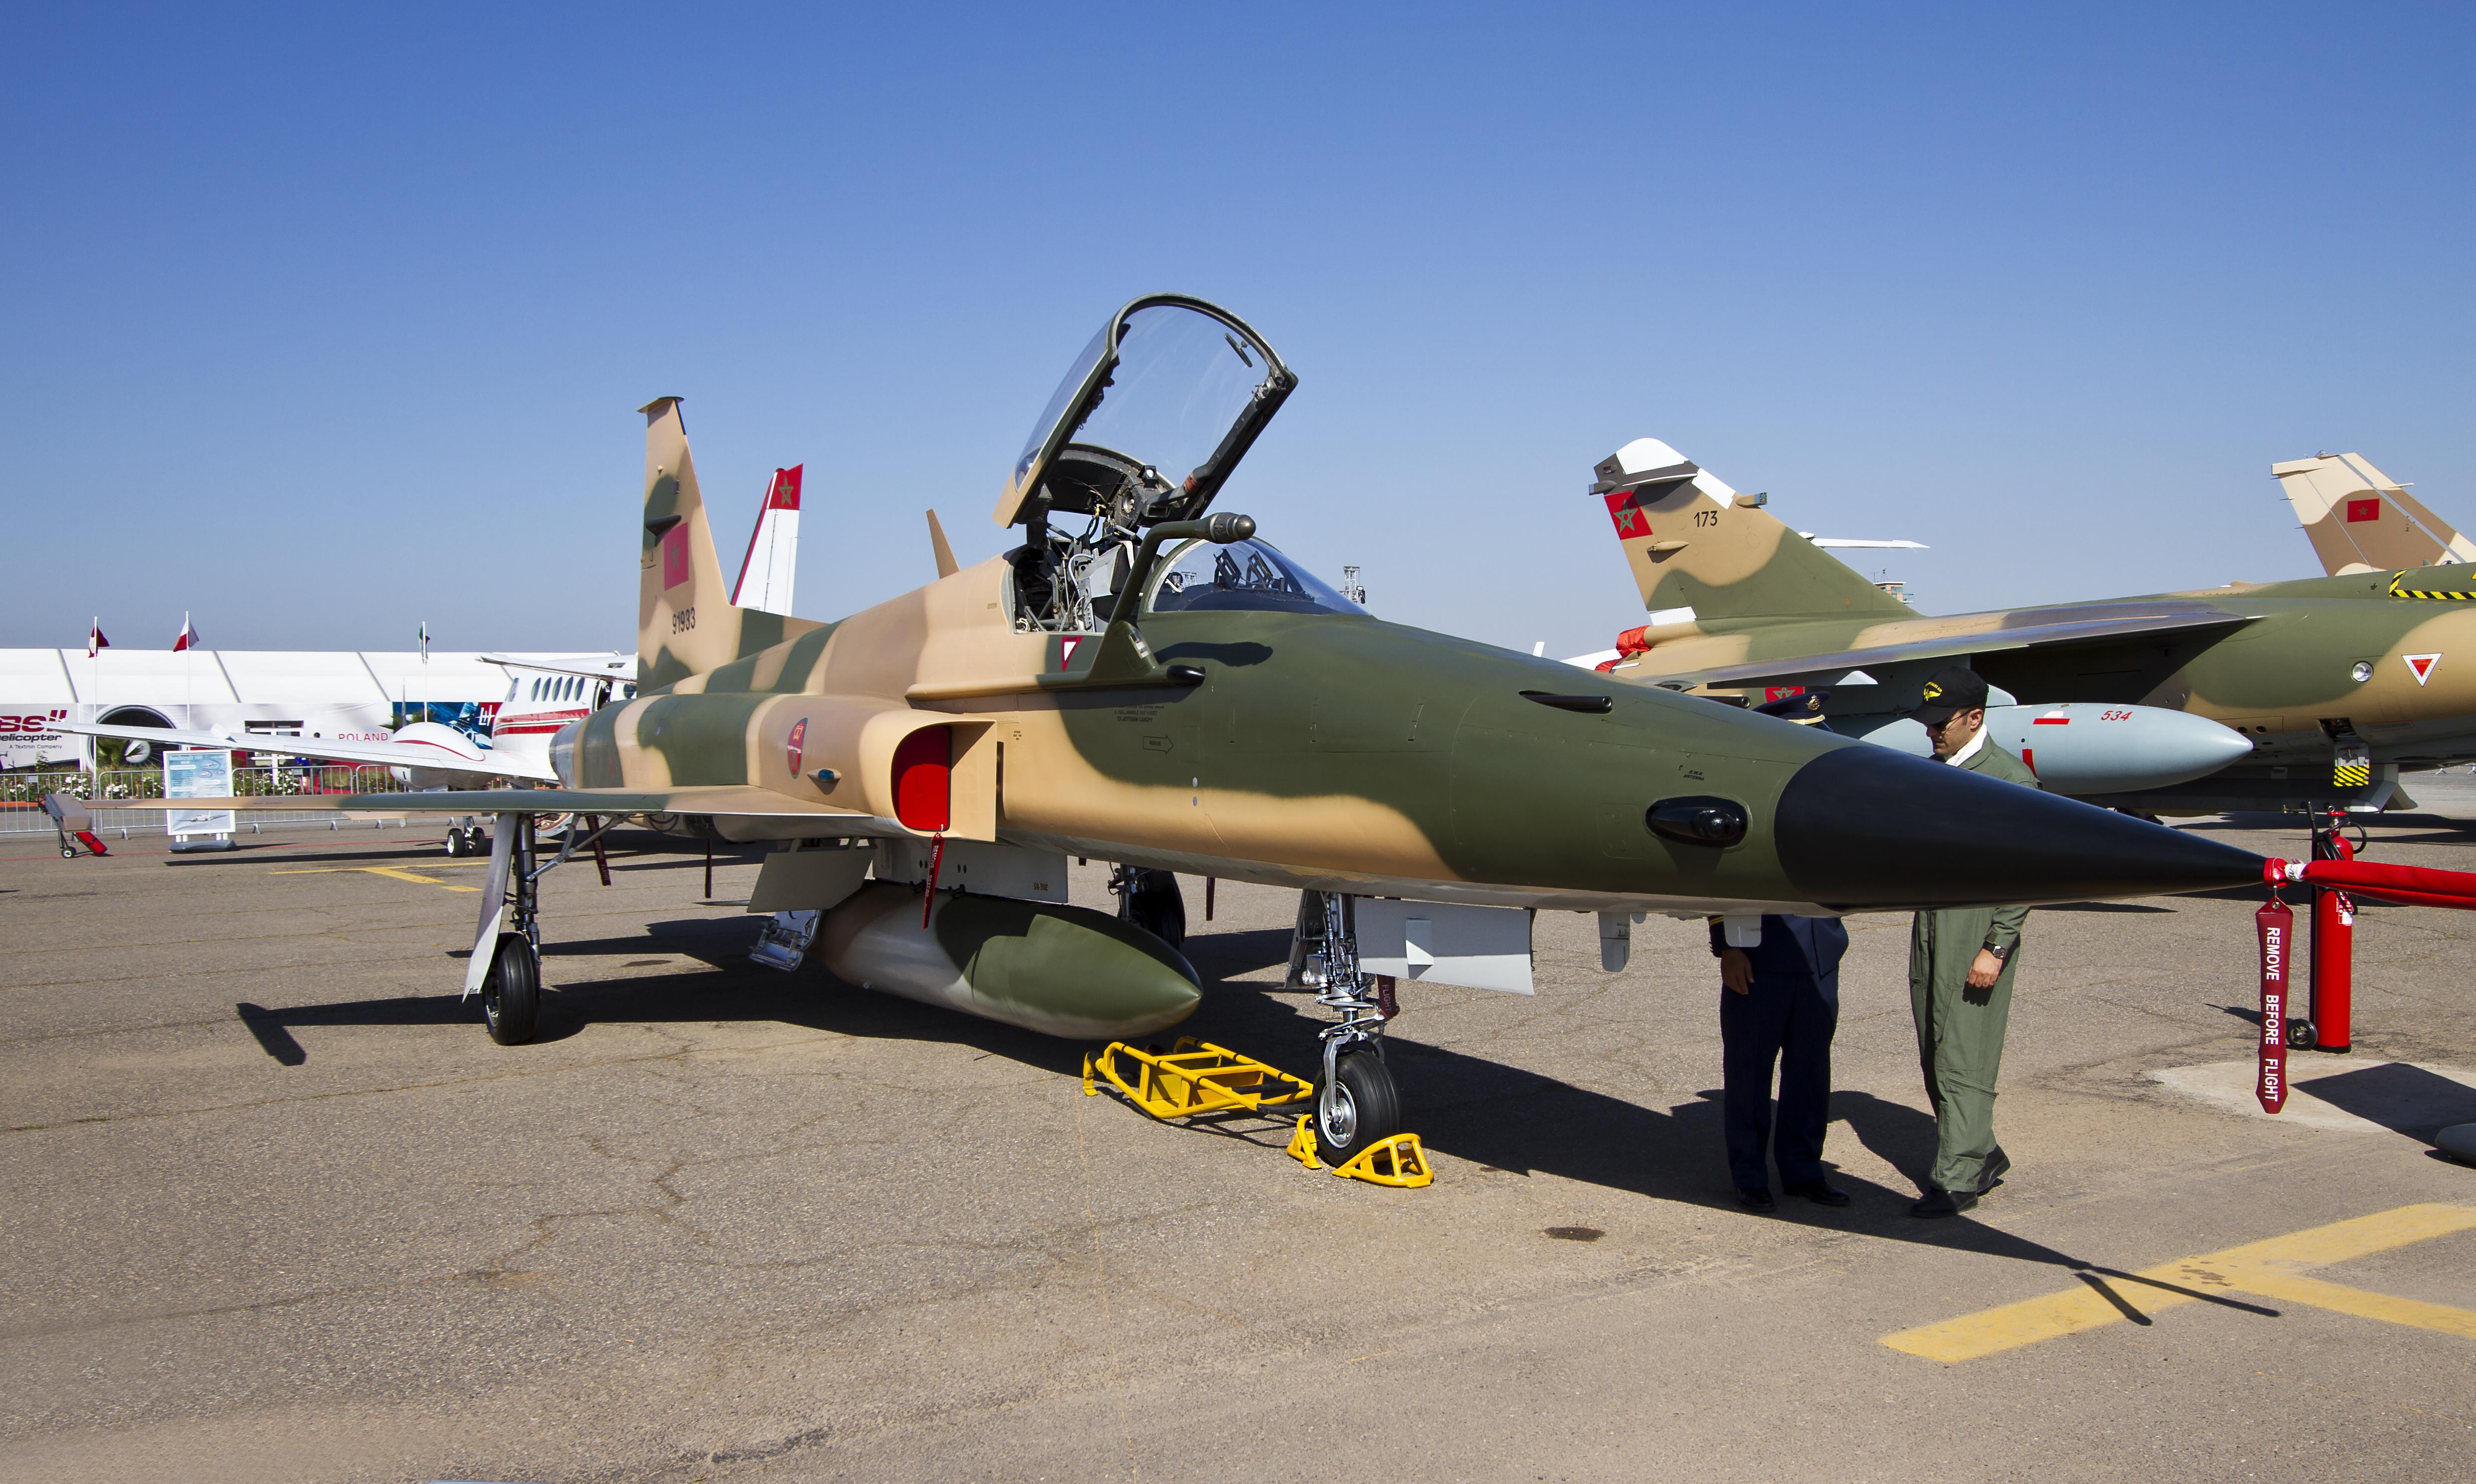 تصور المنتدى العسكري العربي لما تحتاجه القوات الجوية المغربية 14129328421_f43f206f96_o